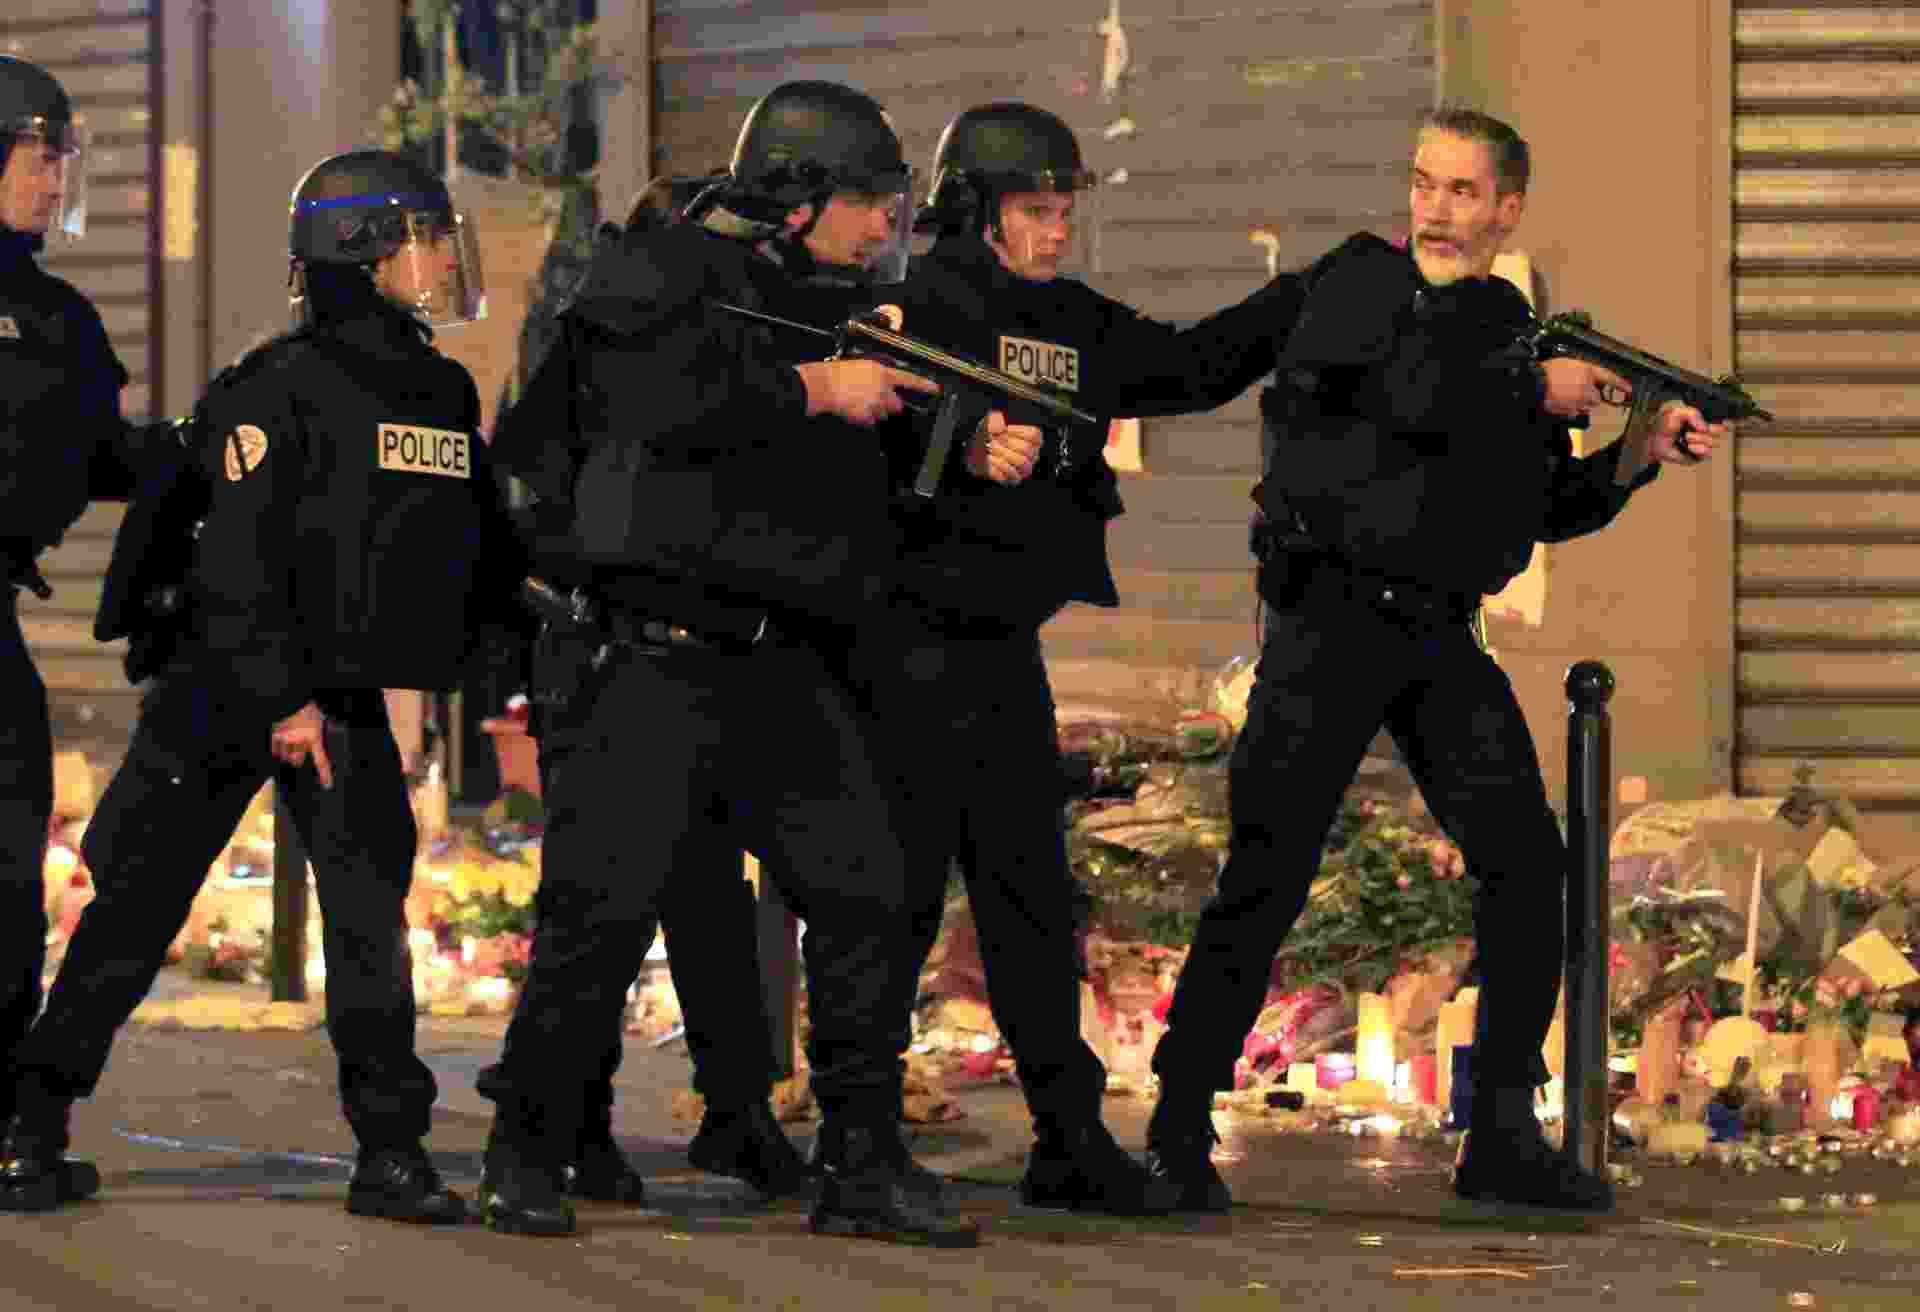 15.nov.2015 - Policiais reforçam a segurança na praça da República, em Paris, após um alarme falso de tiros. Milhares de pessoas que prestavam homenagens às 129 vítimas do massacre, precisaram sair às pressas da região. Houve tumulto, mas a praça foi esvaziada rapidamente - Pascal Rossignol/Reuters